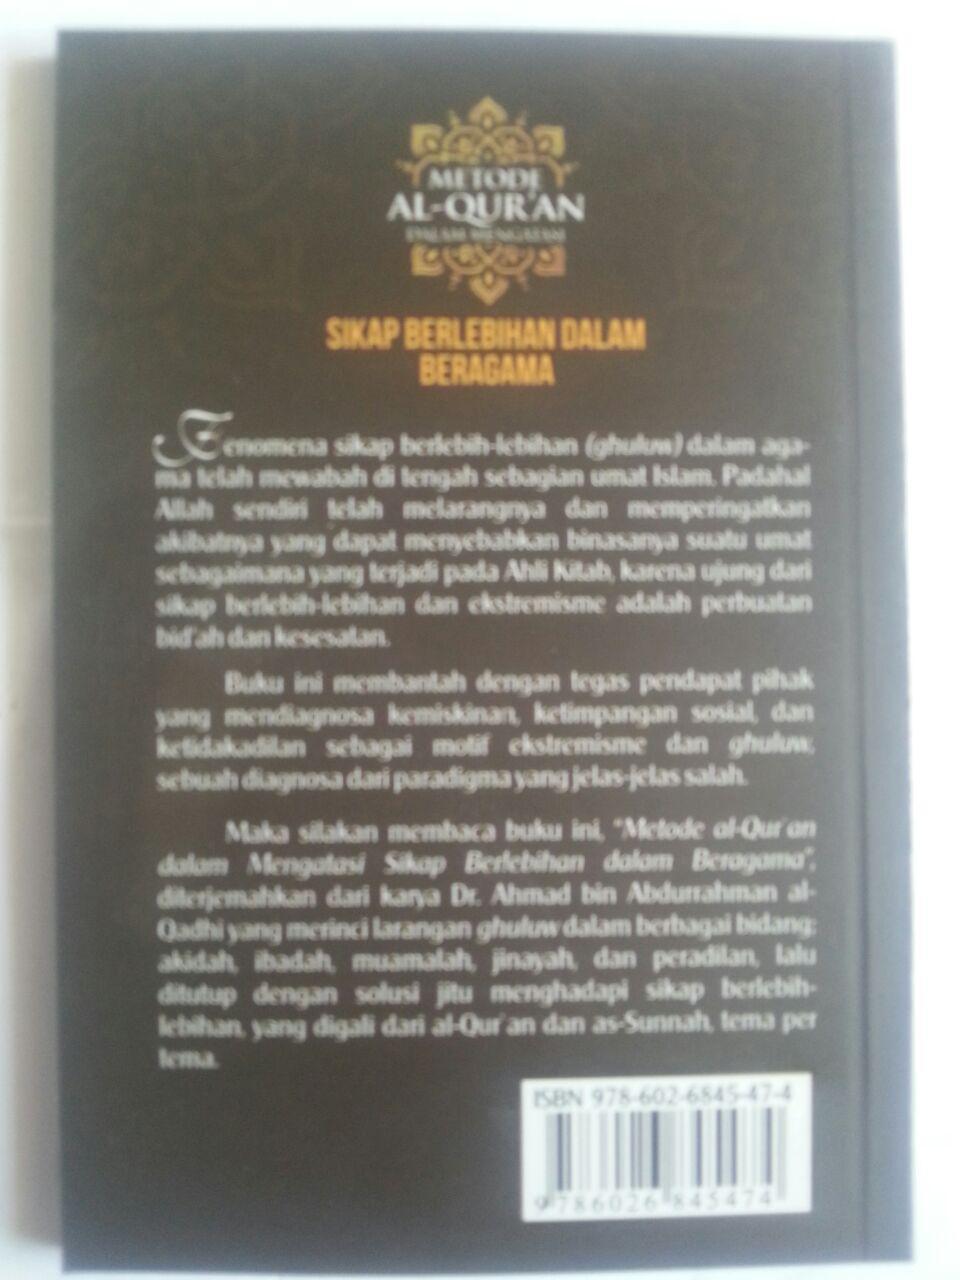 Buku Metode Al-Qur'an Dalam Mengatasi Sikap Berlebihan Dalam Agama cover